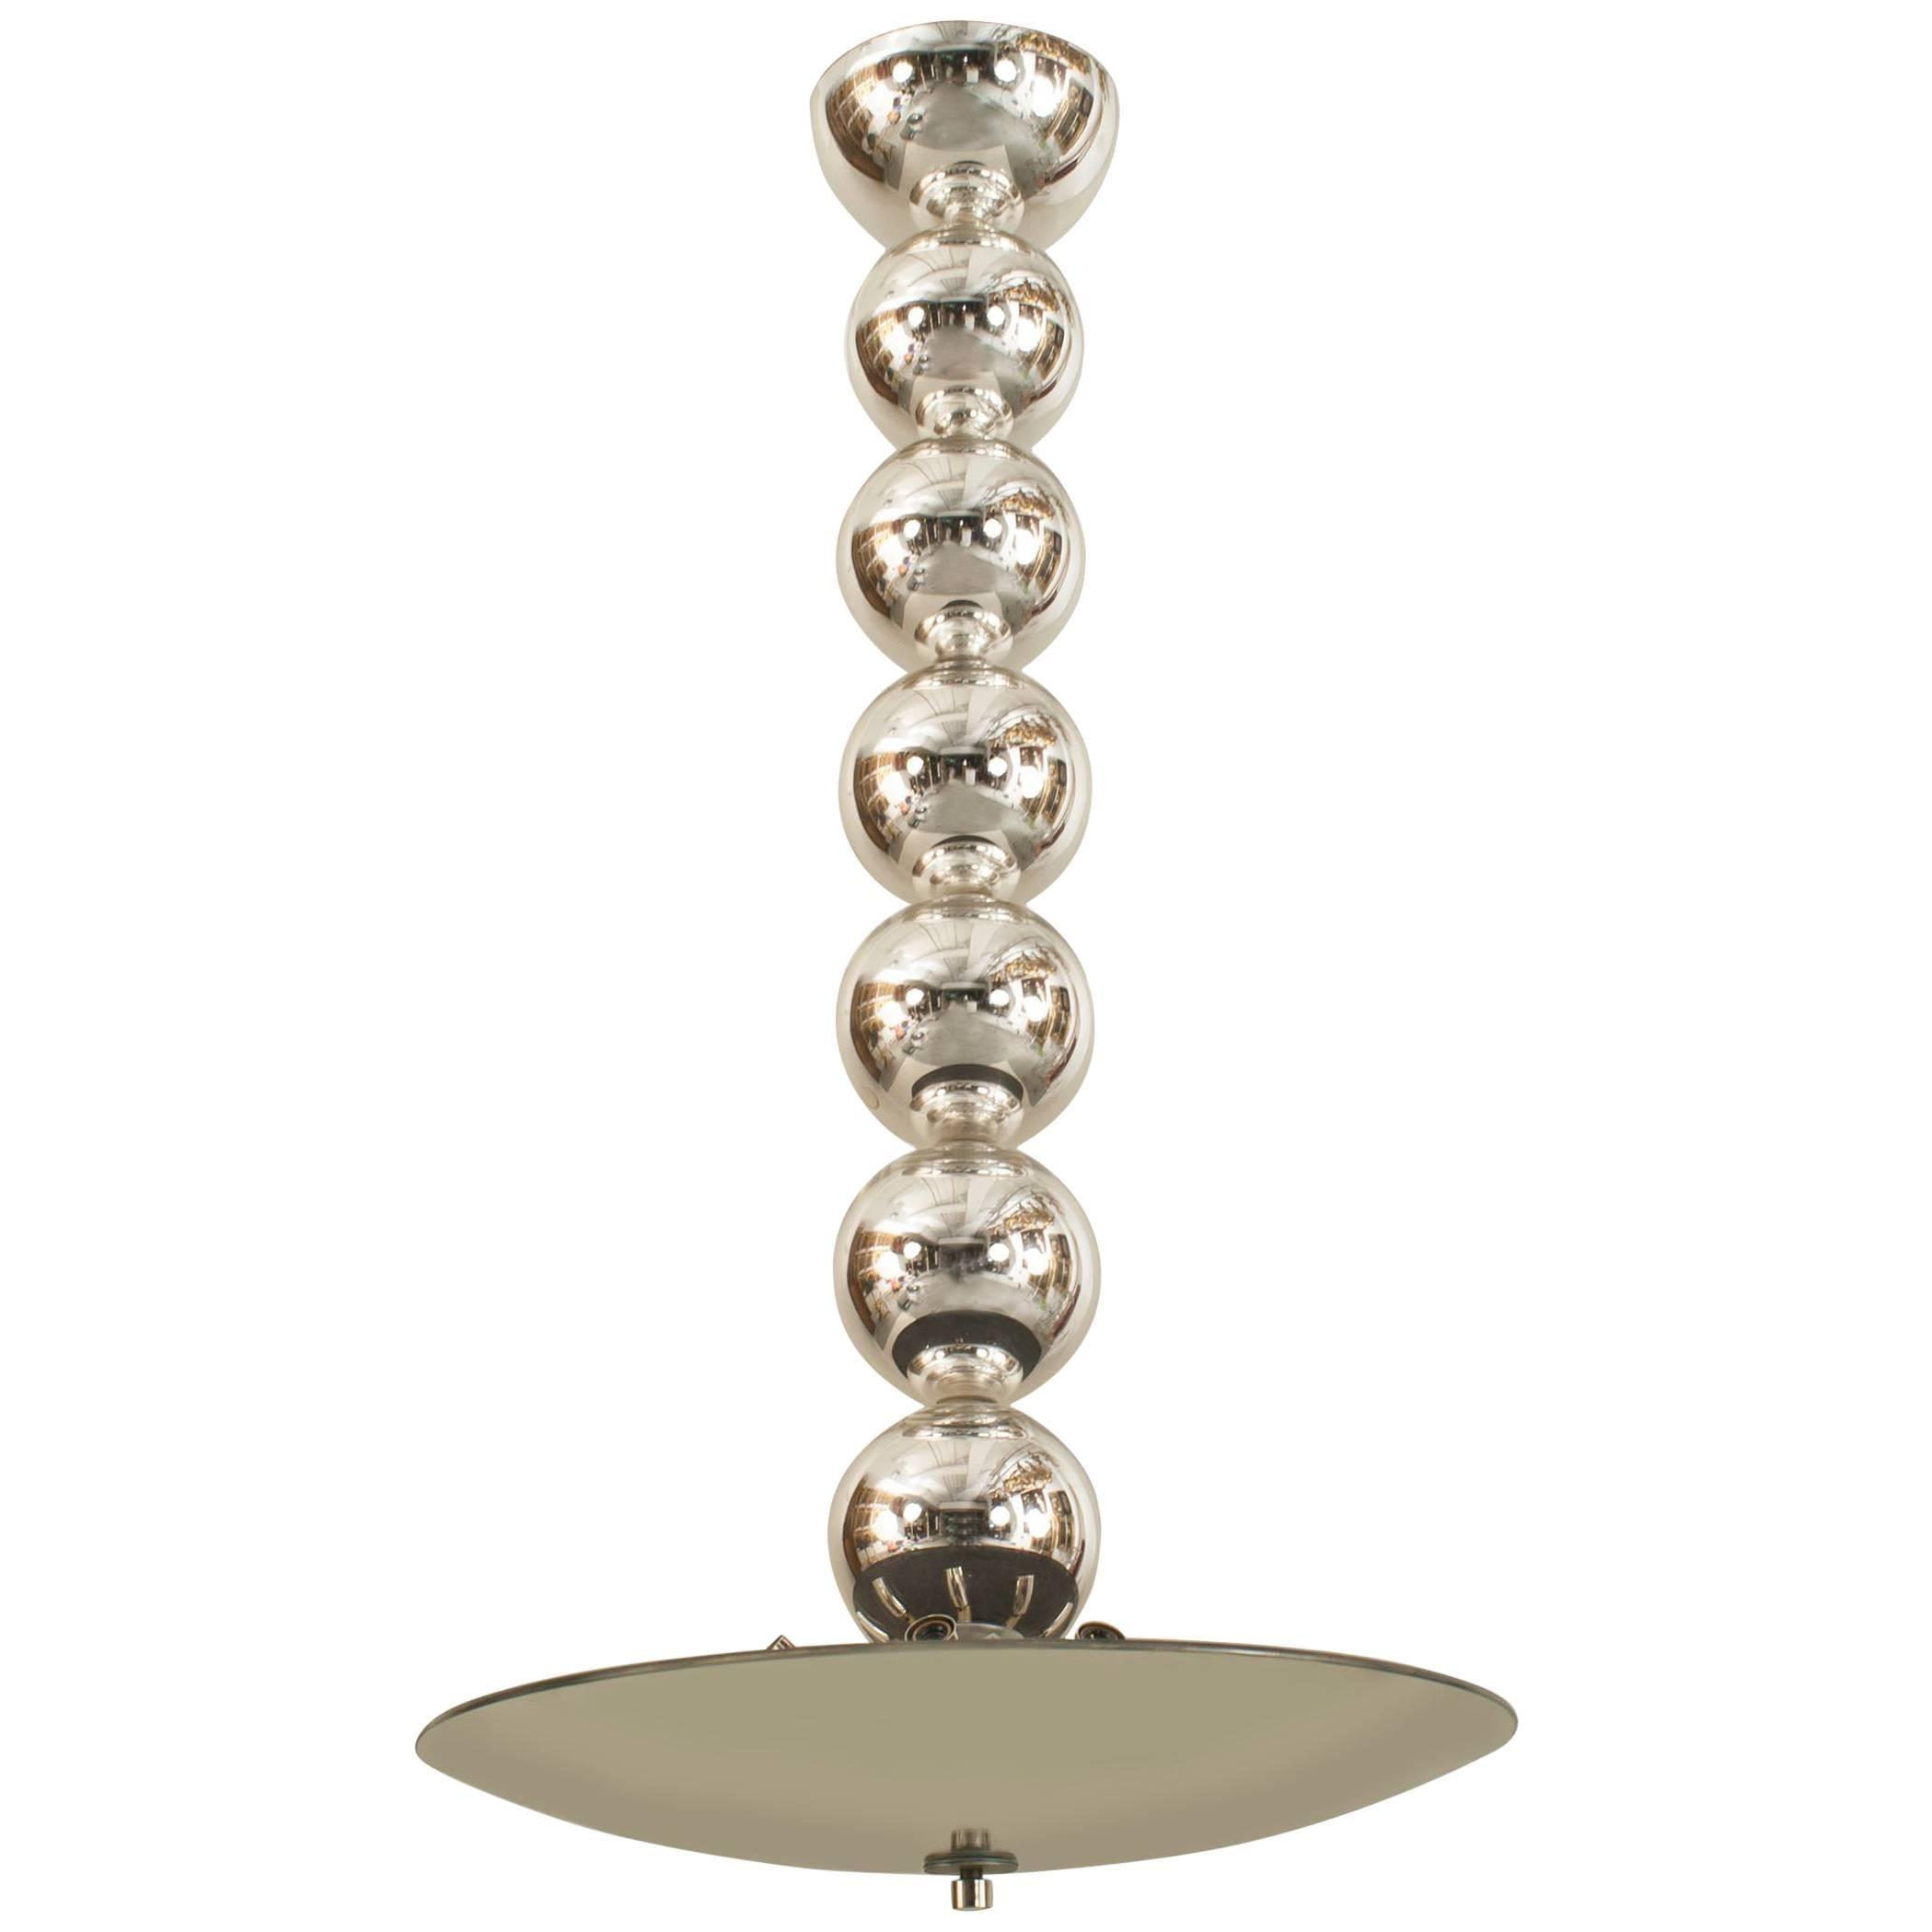 Italian Style Post-War Glass Ball Chandelier